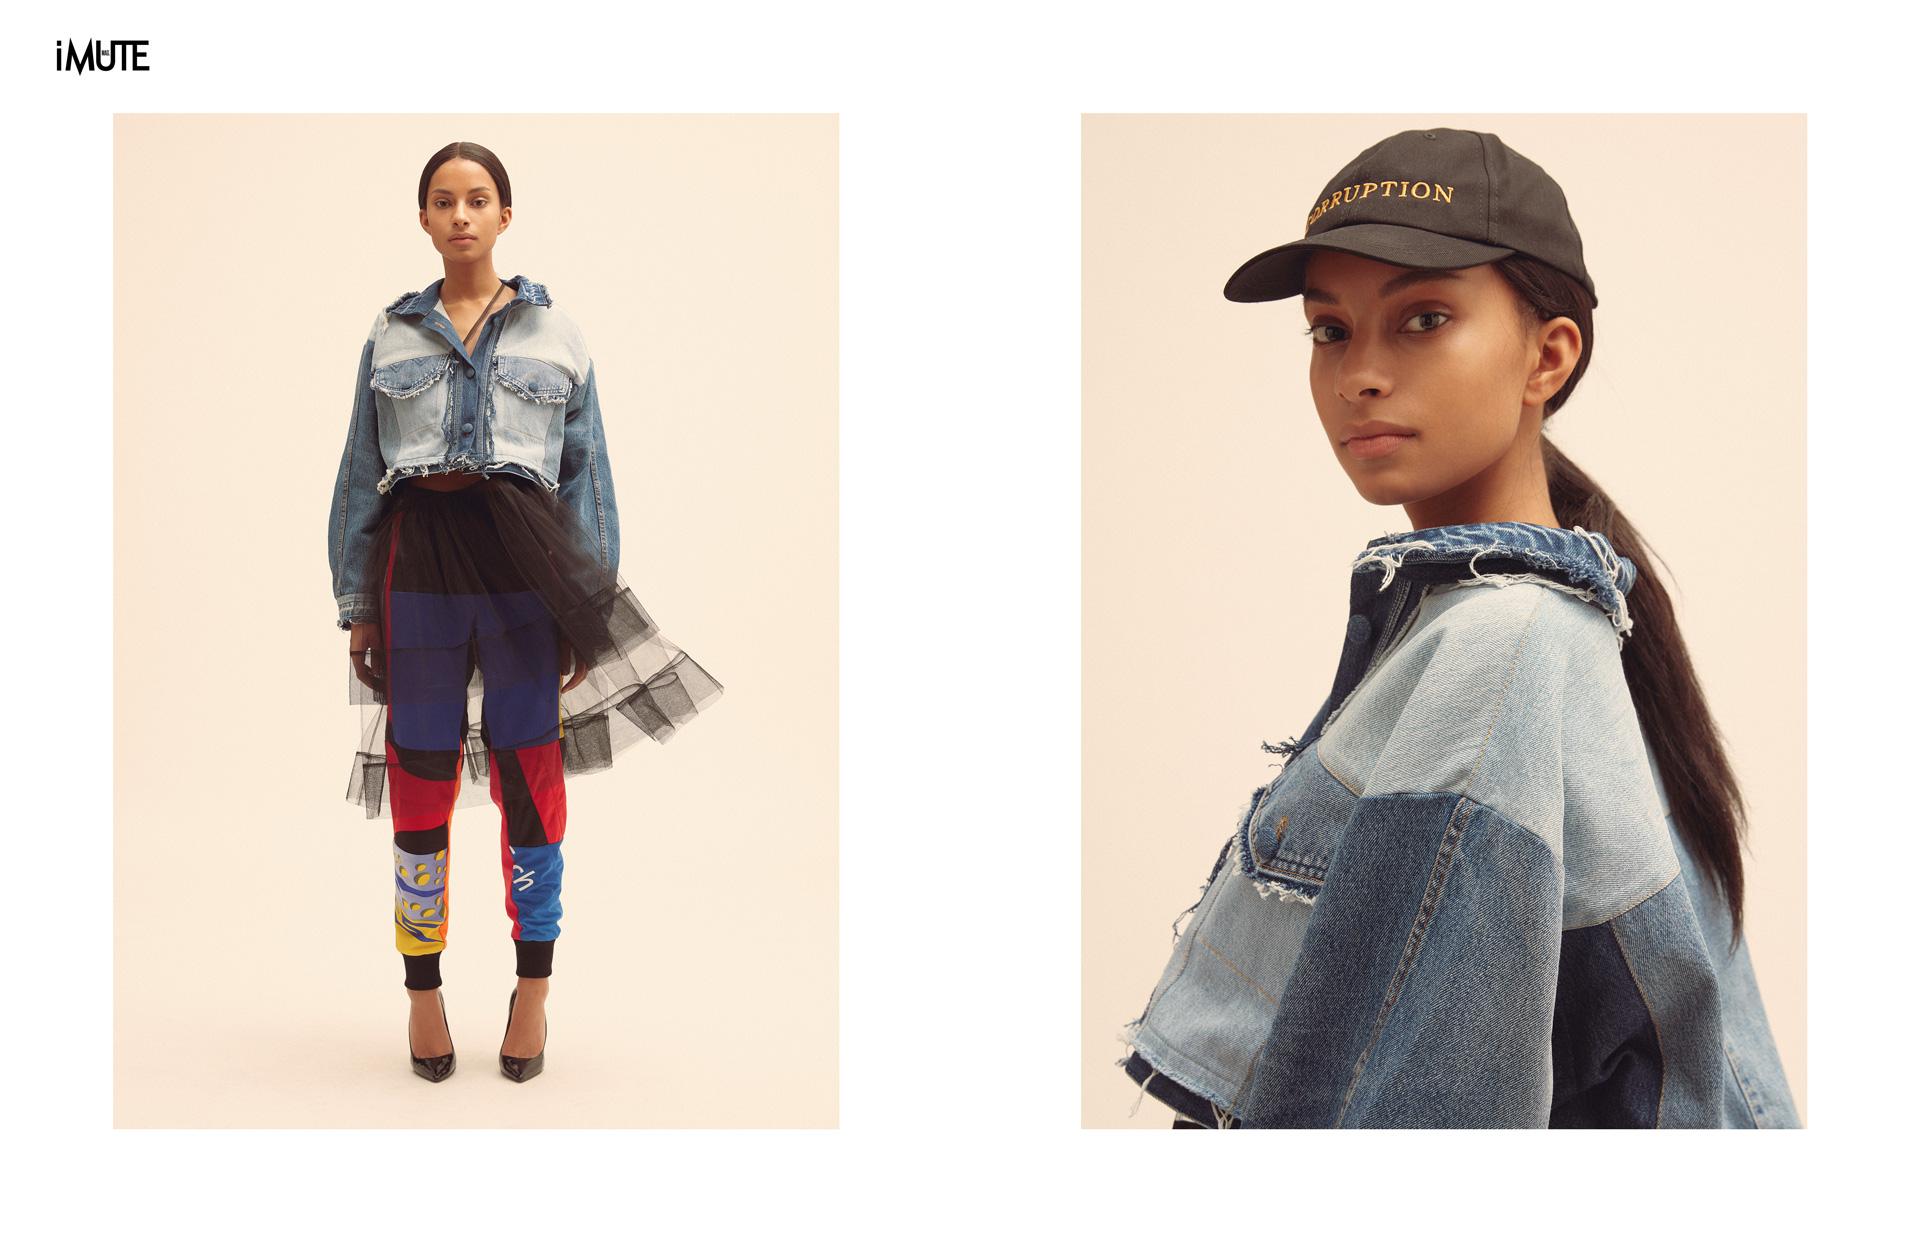 The Reworked Denim Known Label Ksenia Schnaider is Launching Pre-Fall'18 Photographer|Anna Daki @ Klaus Stiegemeyer Model| Winnie @Seeds Management Makeup & Hair|Kim Keusen